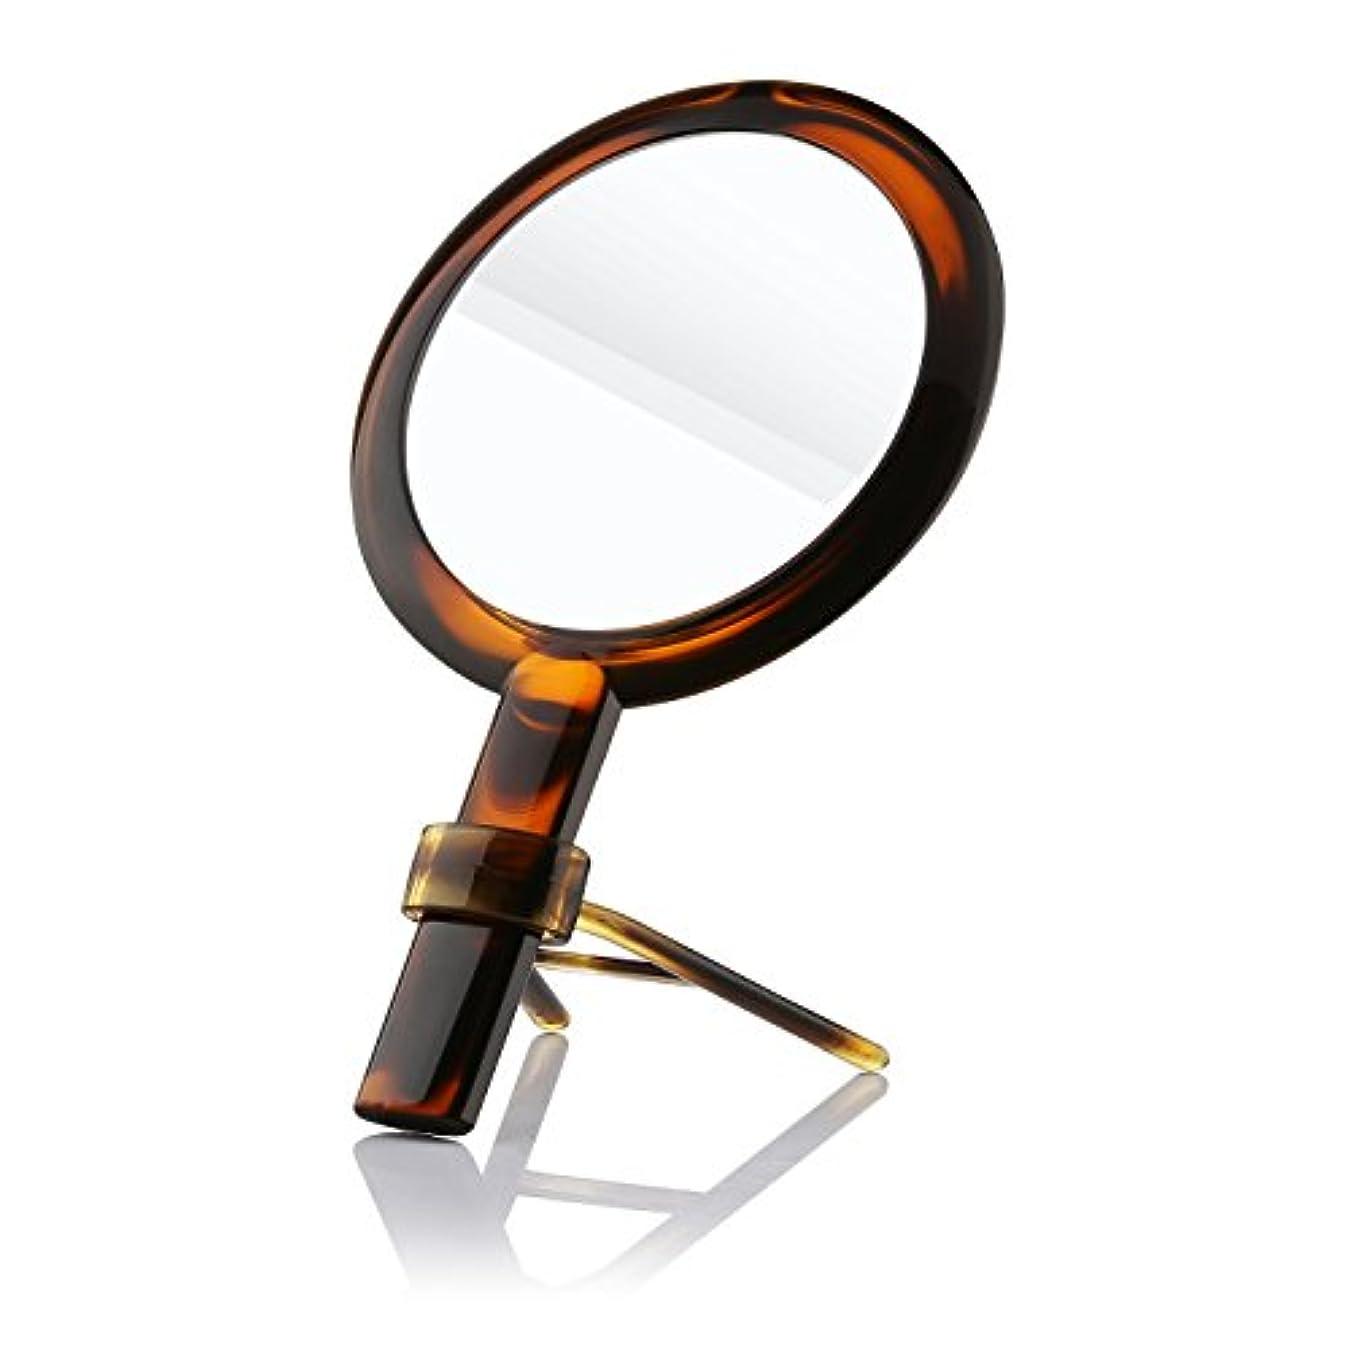 頑丈さまよう音化粧ミラー Beautifive 化粧鏡 メイクミラー 等倍卓上両面鏡 7倍拡大スタンドミラー 手鏡 光学レズン高解像度